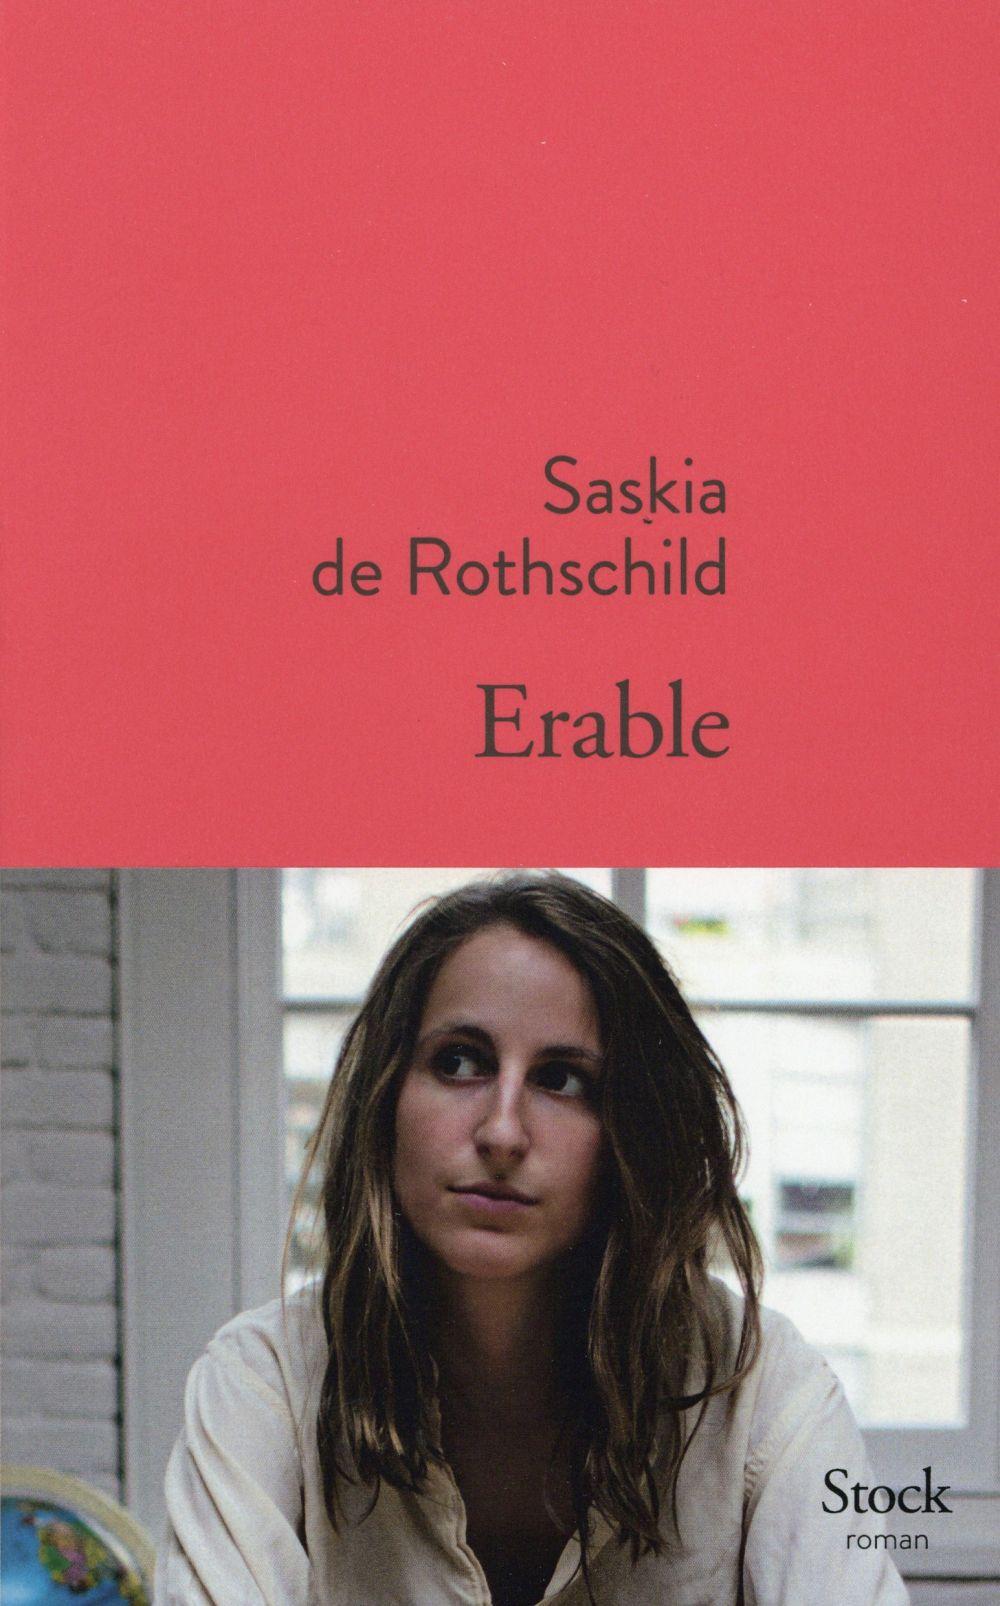 """La chronique #9 du Club des Explorateurs : """"Erable"""" de Saskia de Rothschild"""